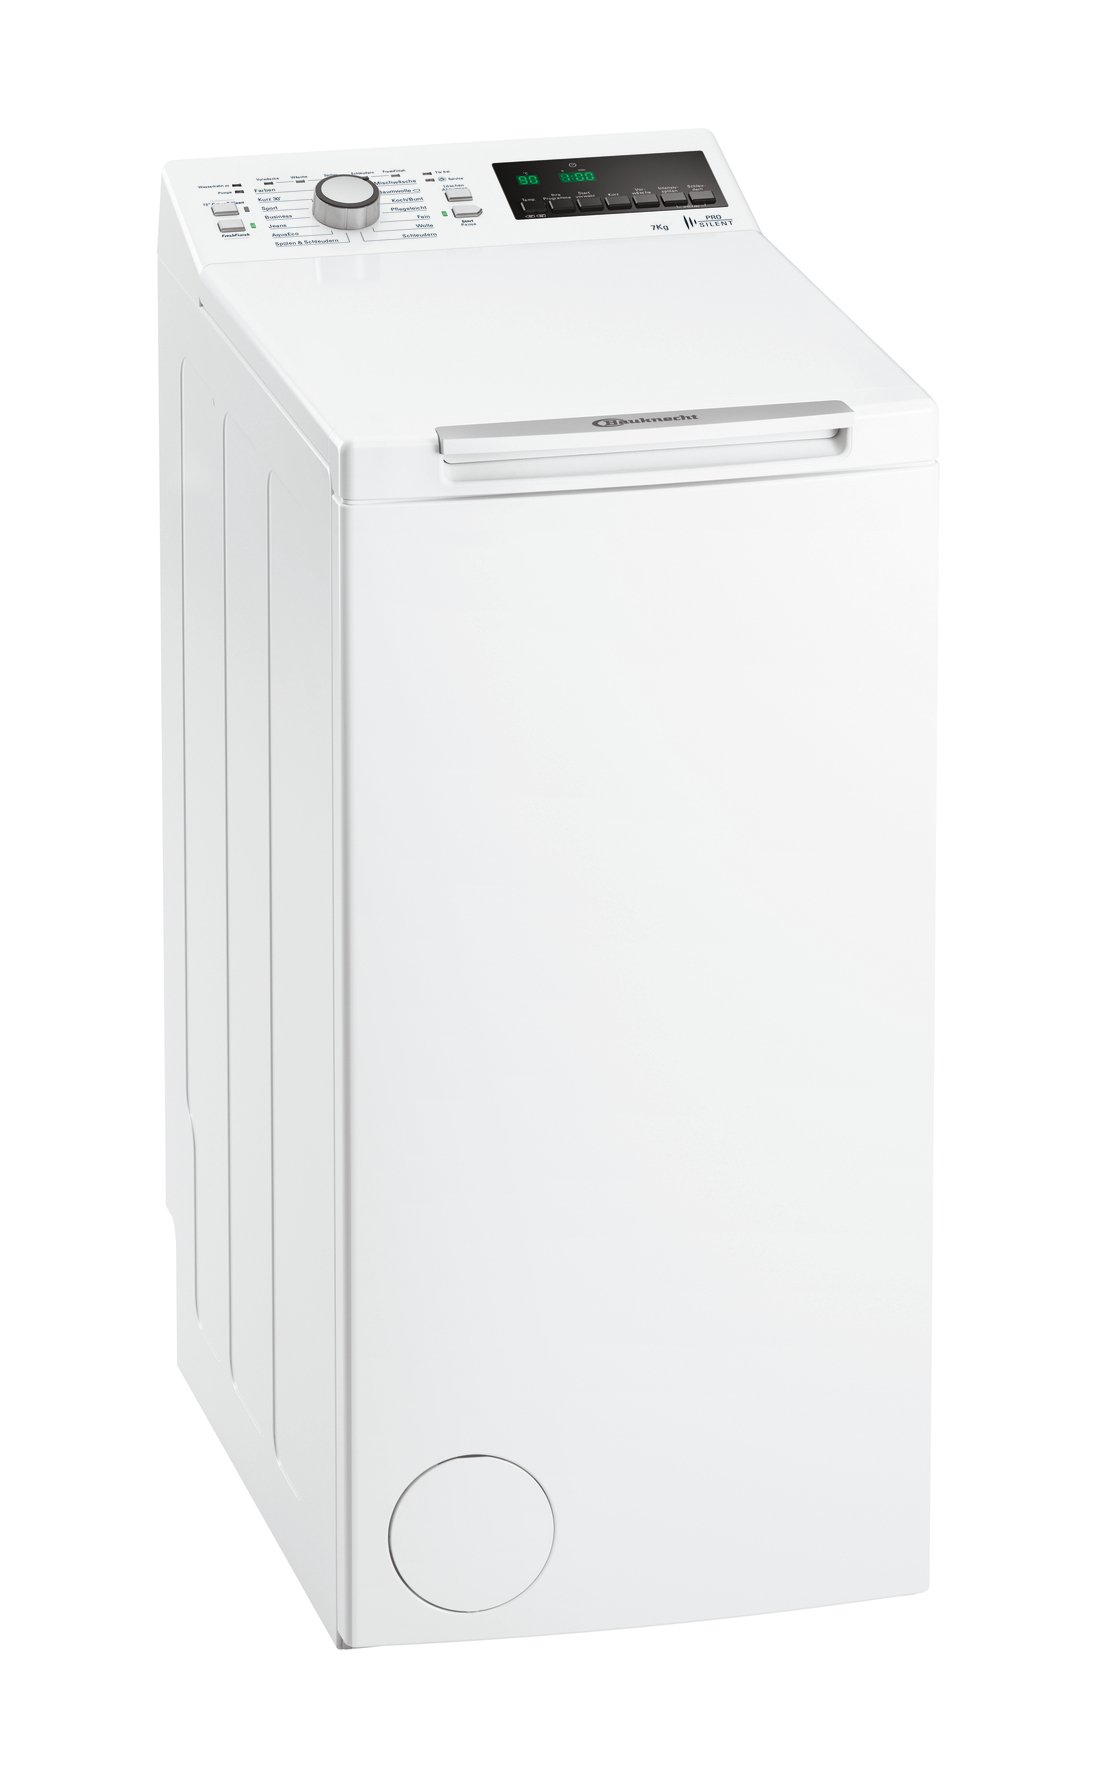 Bauknecht-WAT-Prime-752-PS-Waschmaschine-TLA-174-kWhJahr-1200-UpM-7-kgStartzeitvorwahl-und-RestzeitanzeigePro-Silent-Motorwei